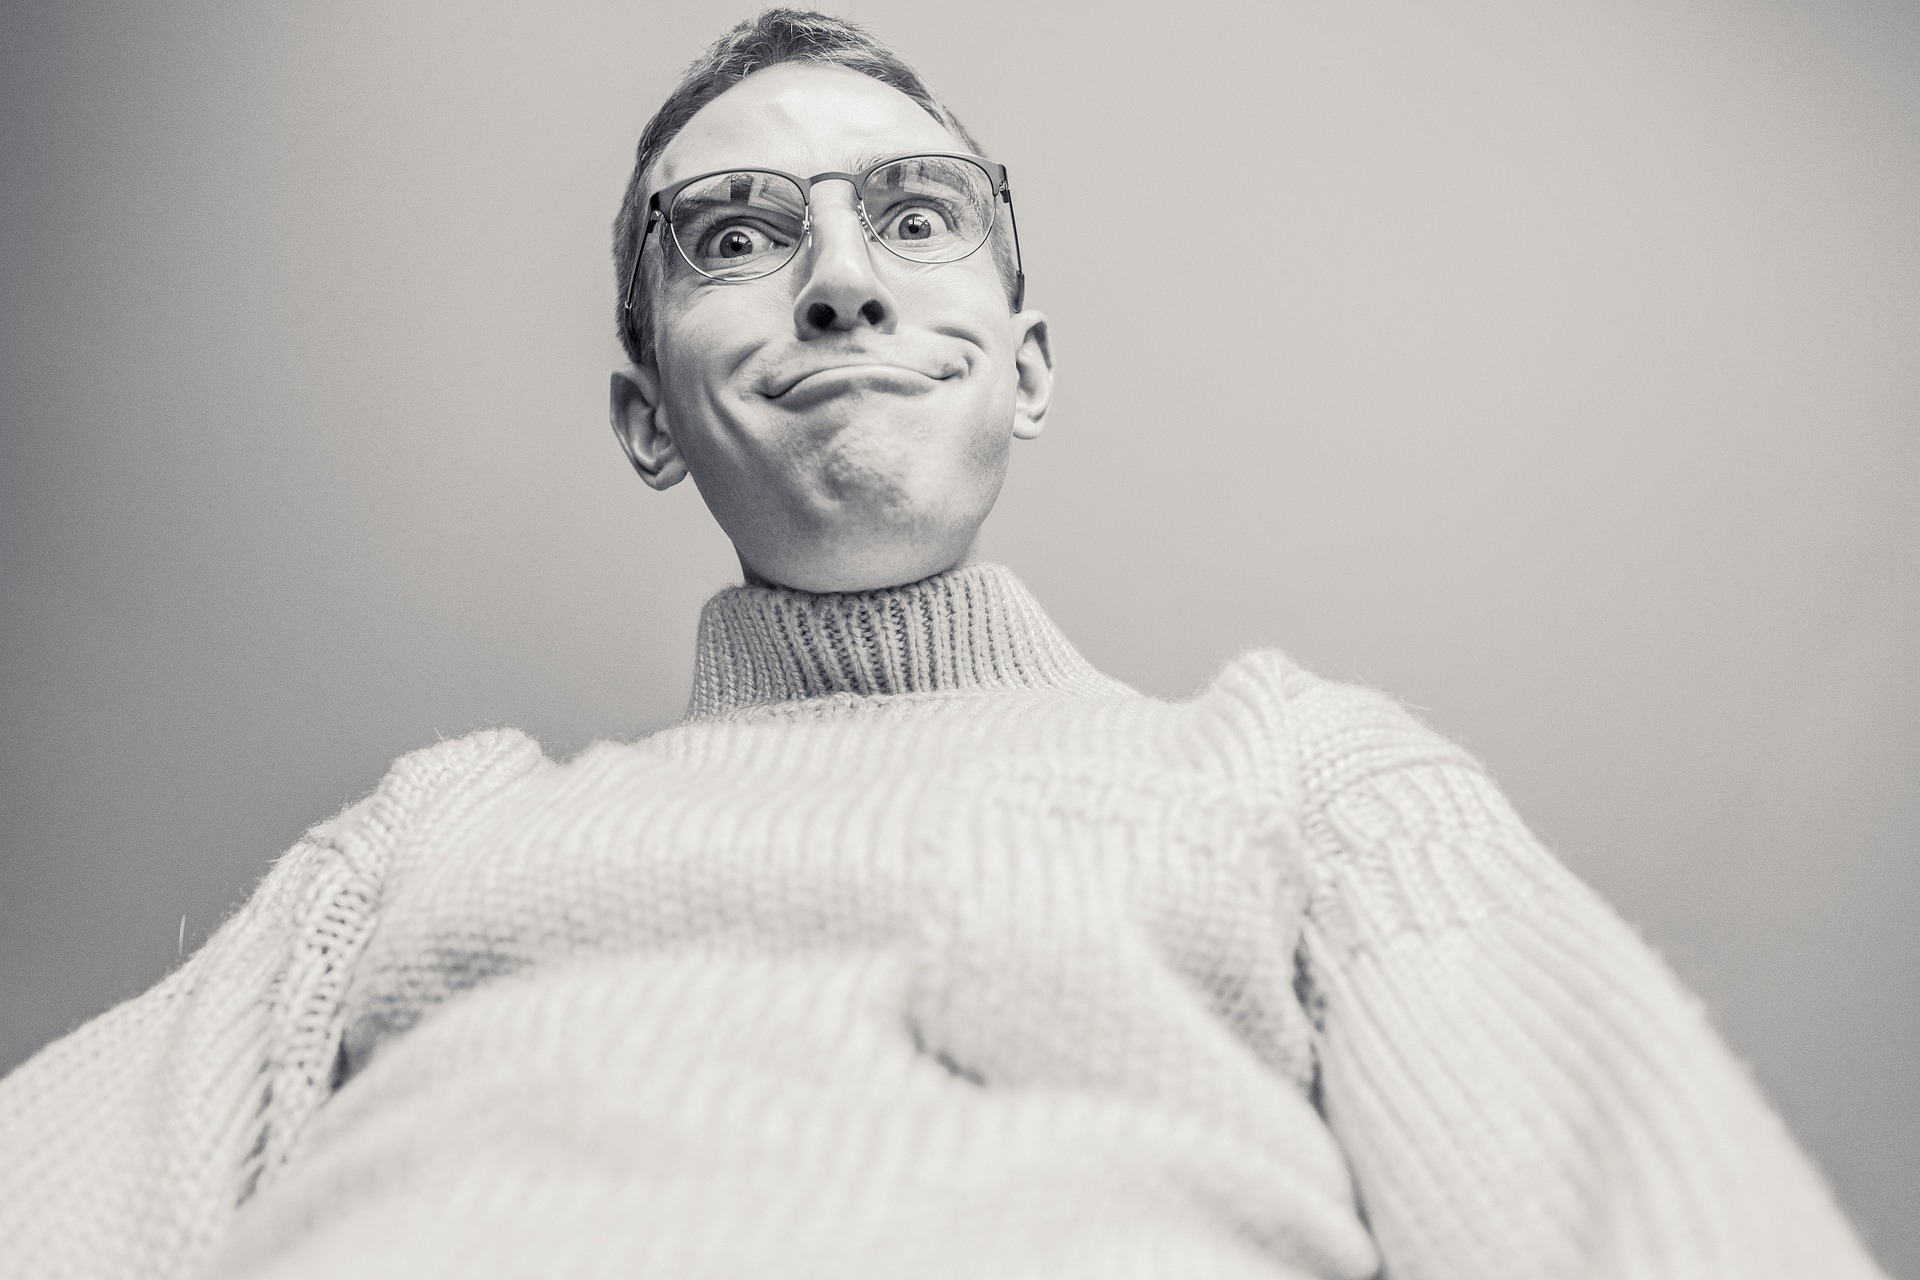 女性に嫌われそうな変顔の男性の画像